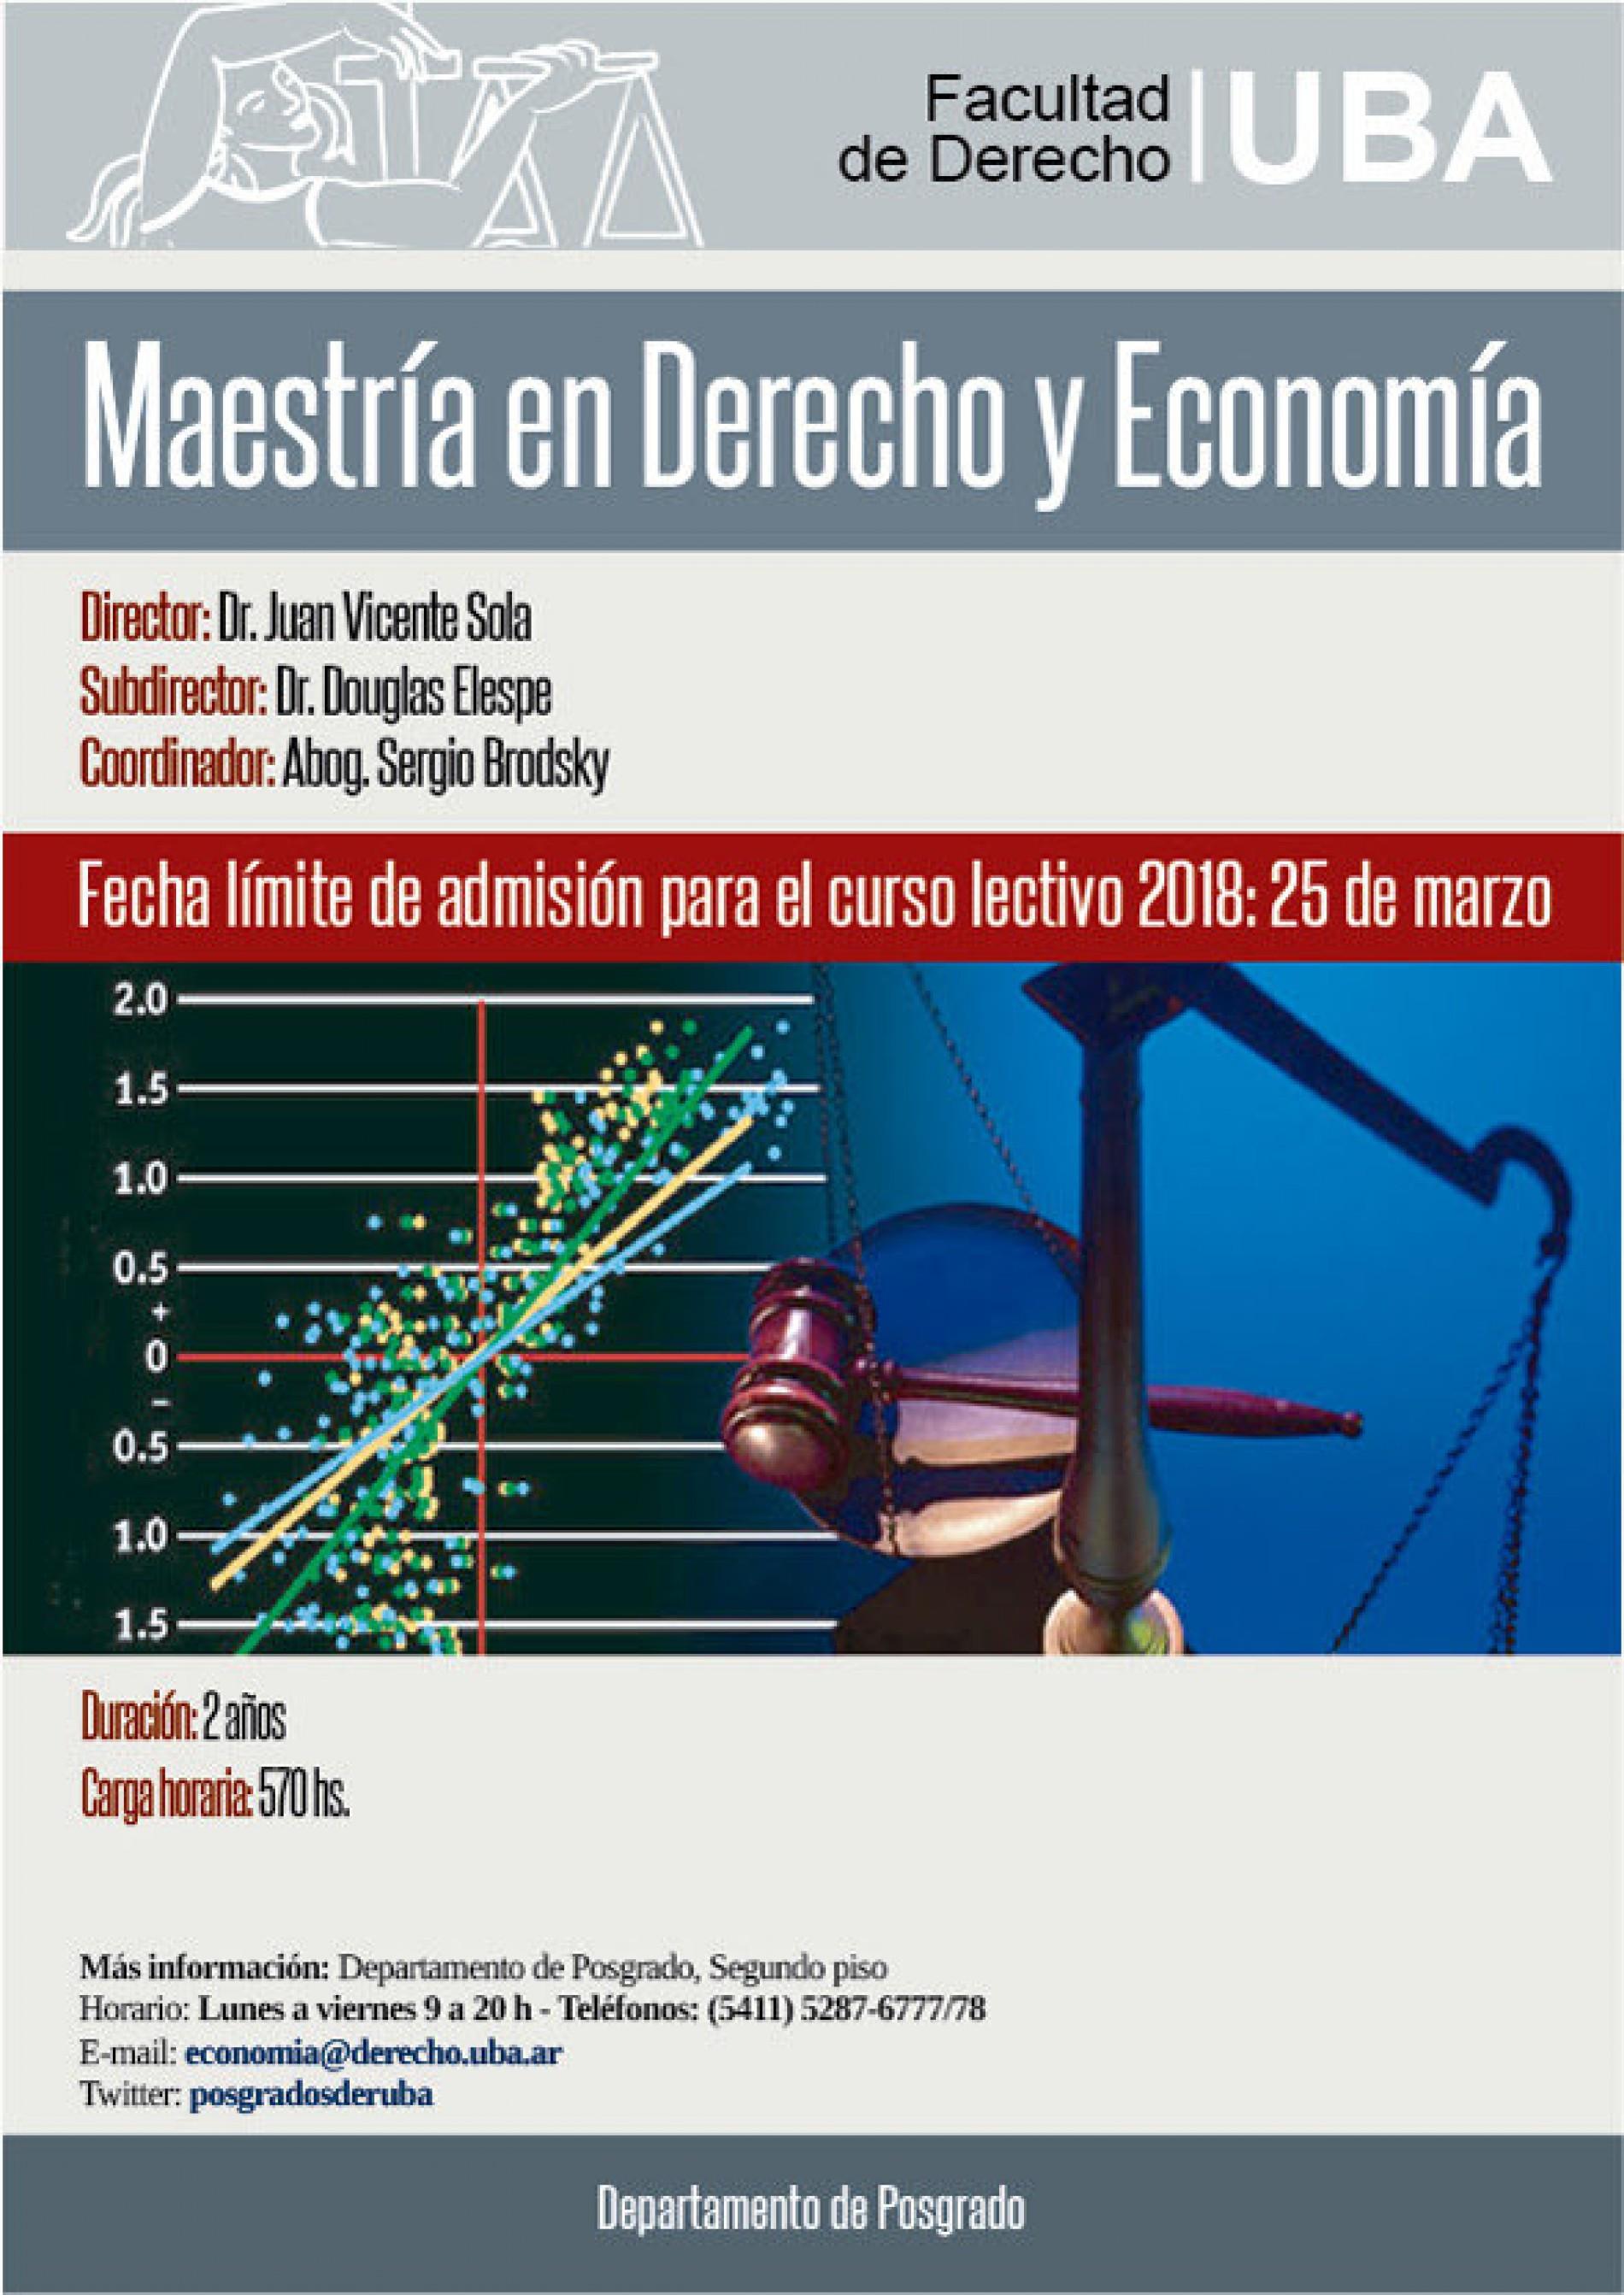 Maestría en Derecho y Economía